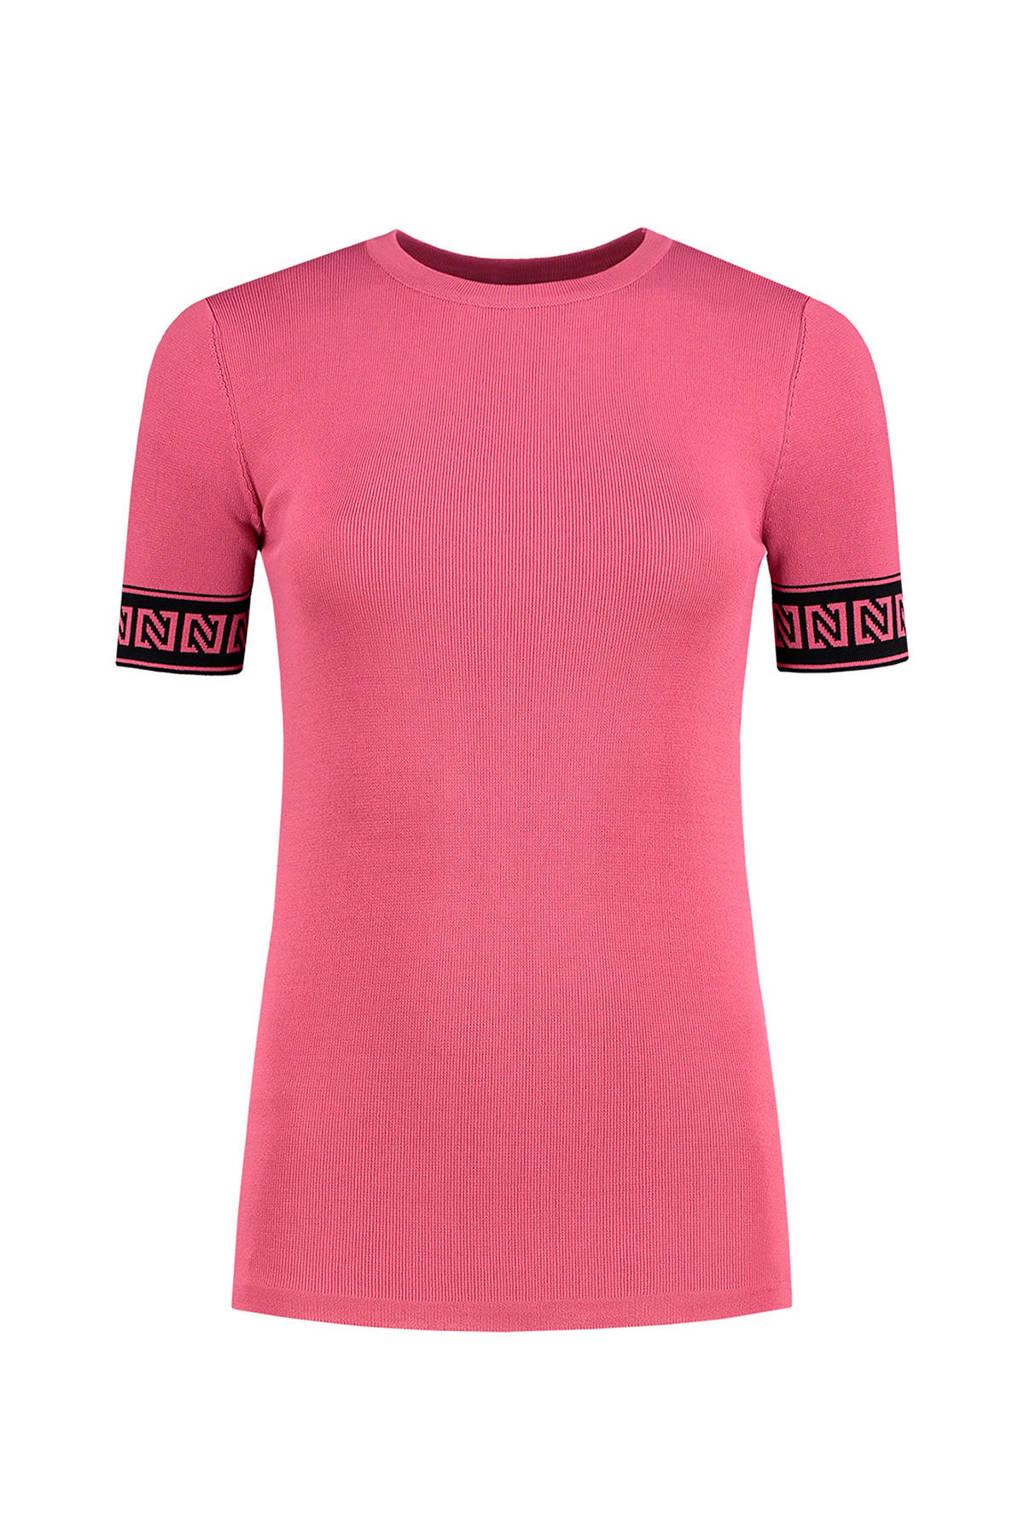 NIKKIE T-shirt Jolie roze/zwart, Roze/zwart